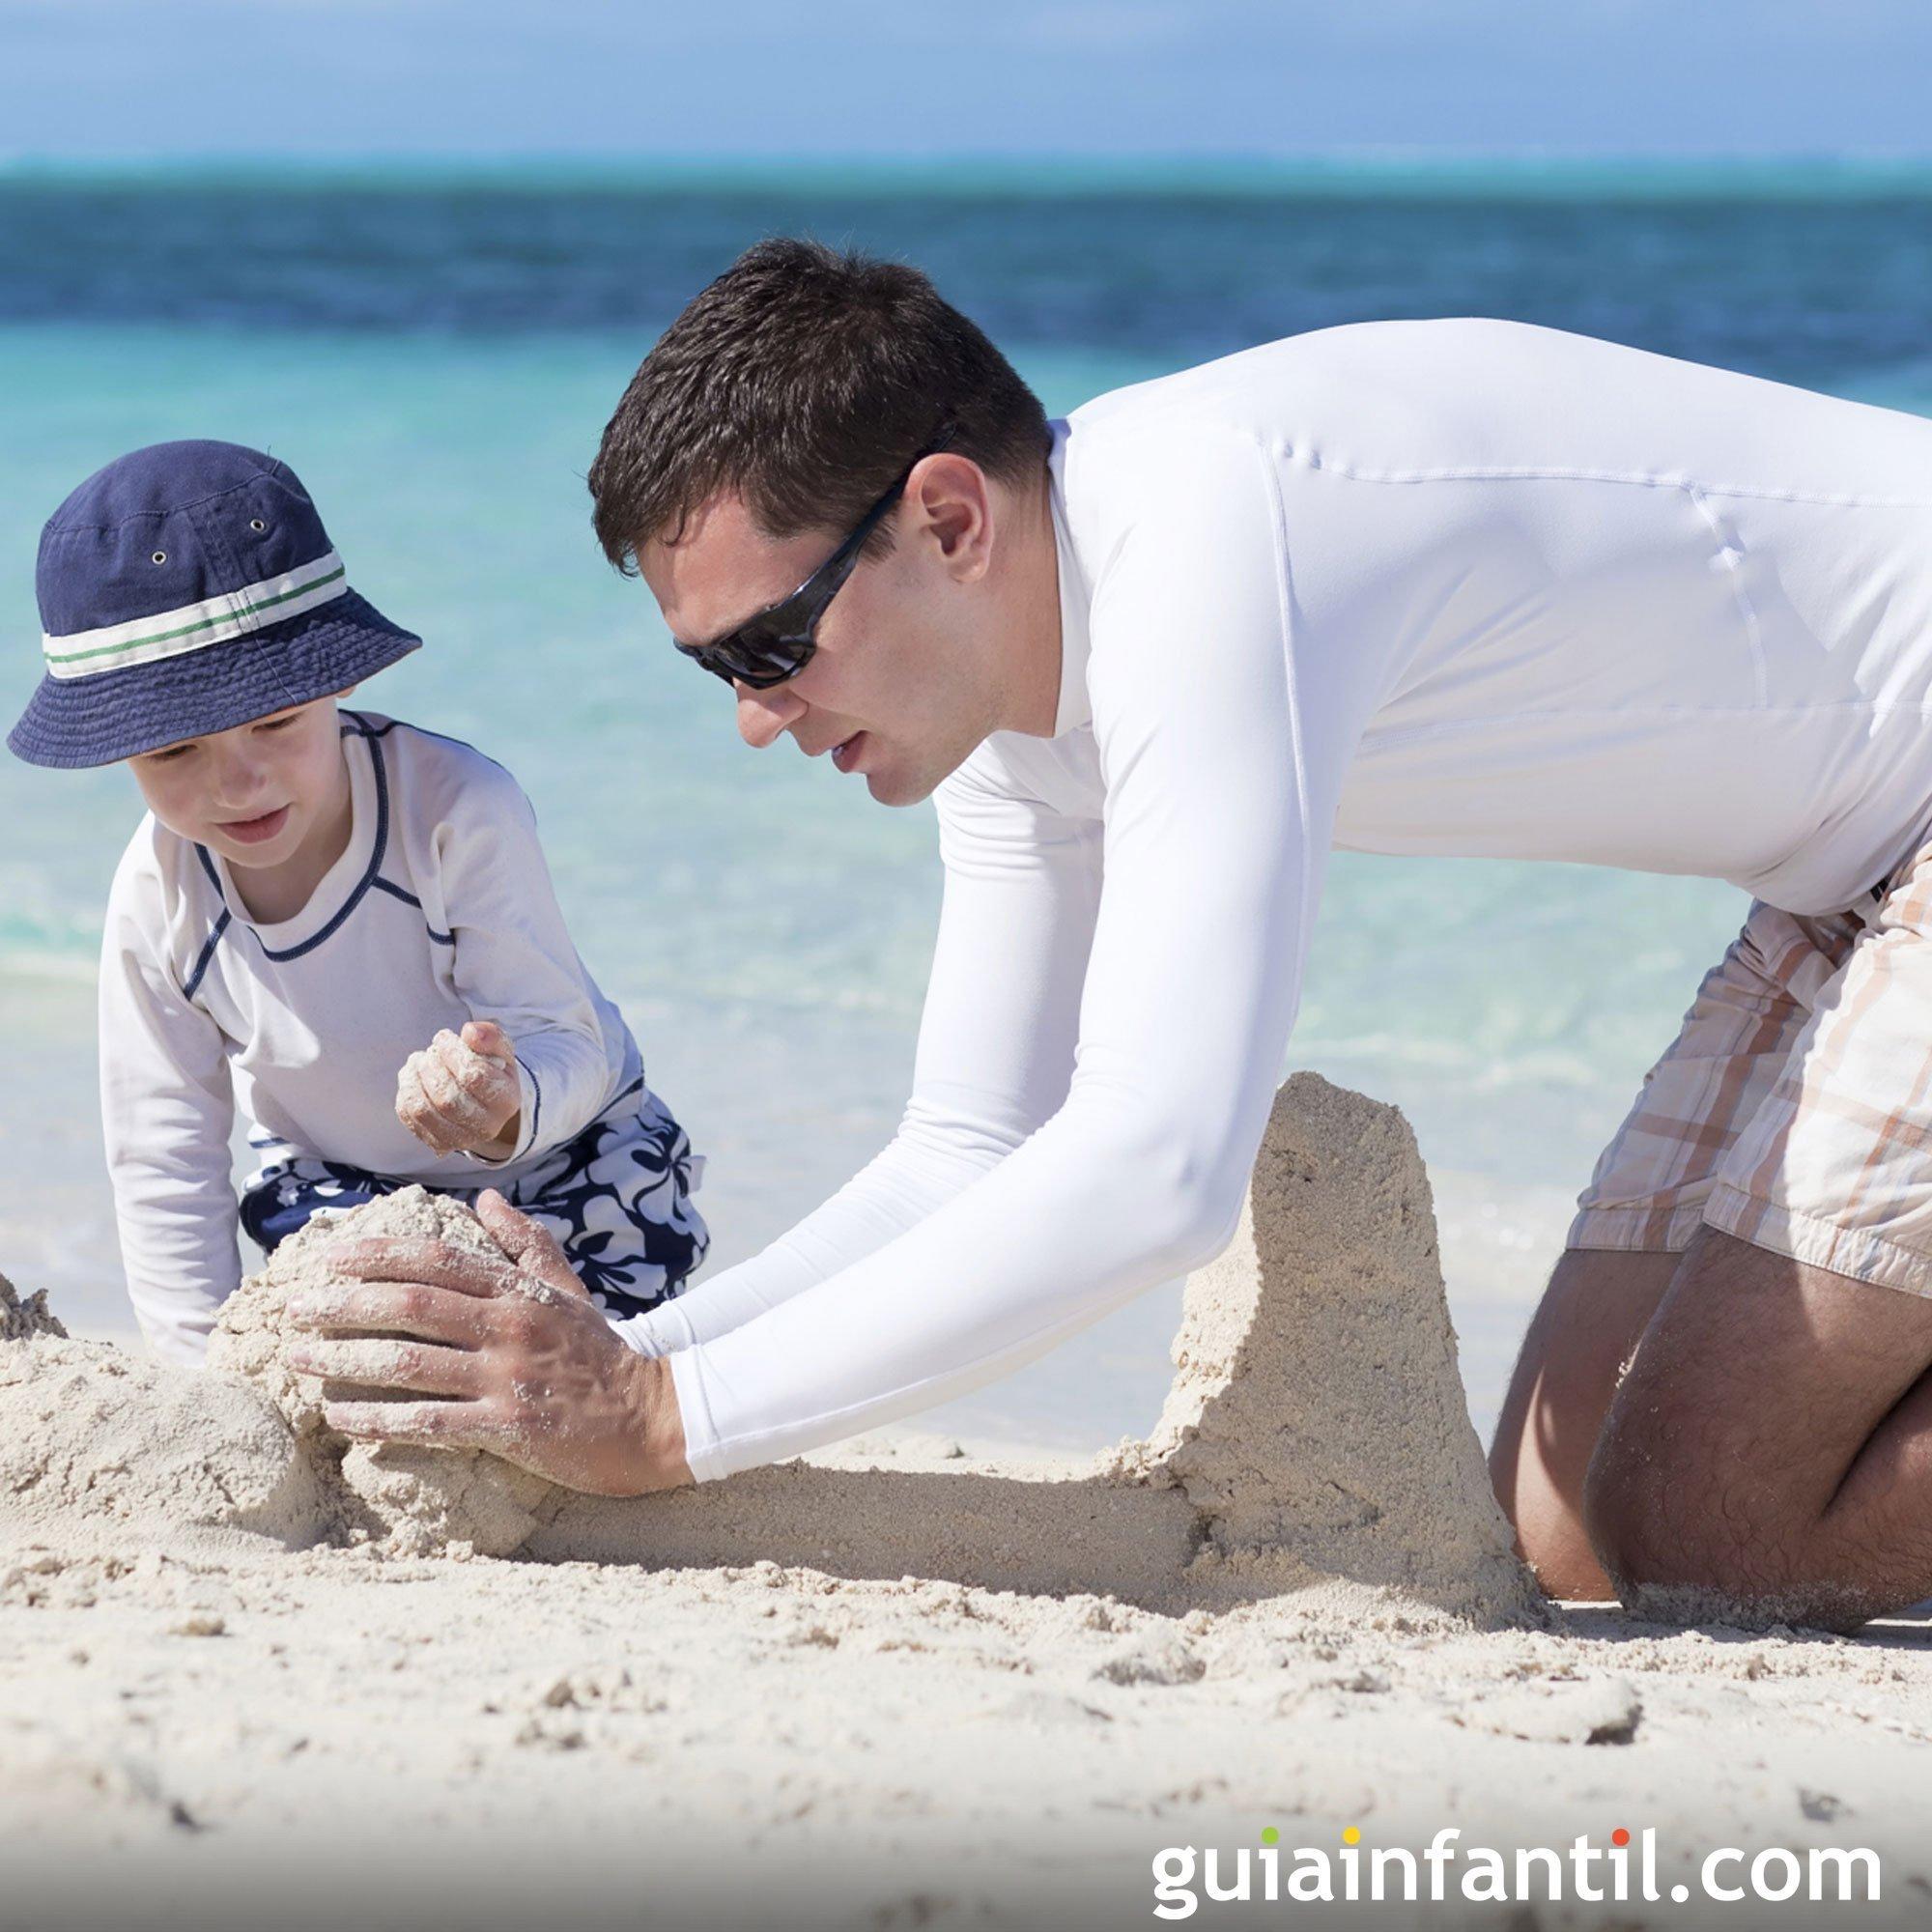 Jugar con papá a hacer castillos de arena